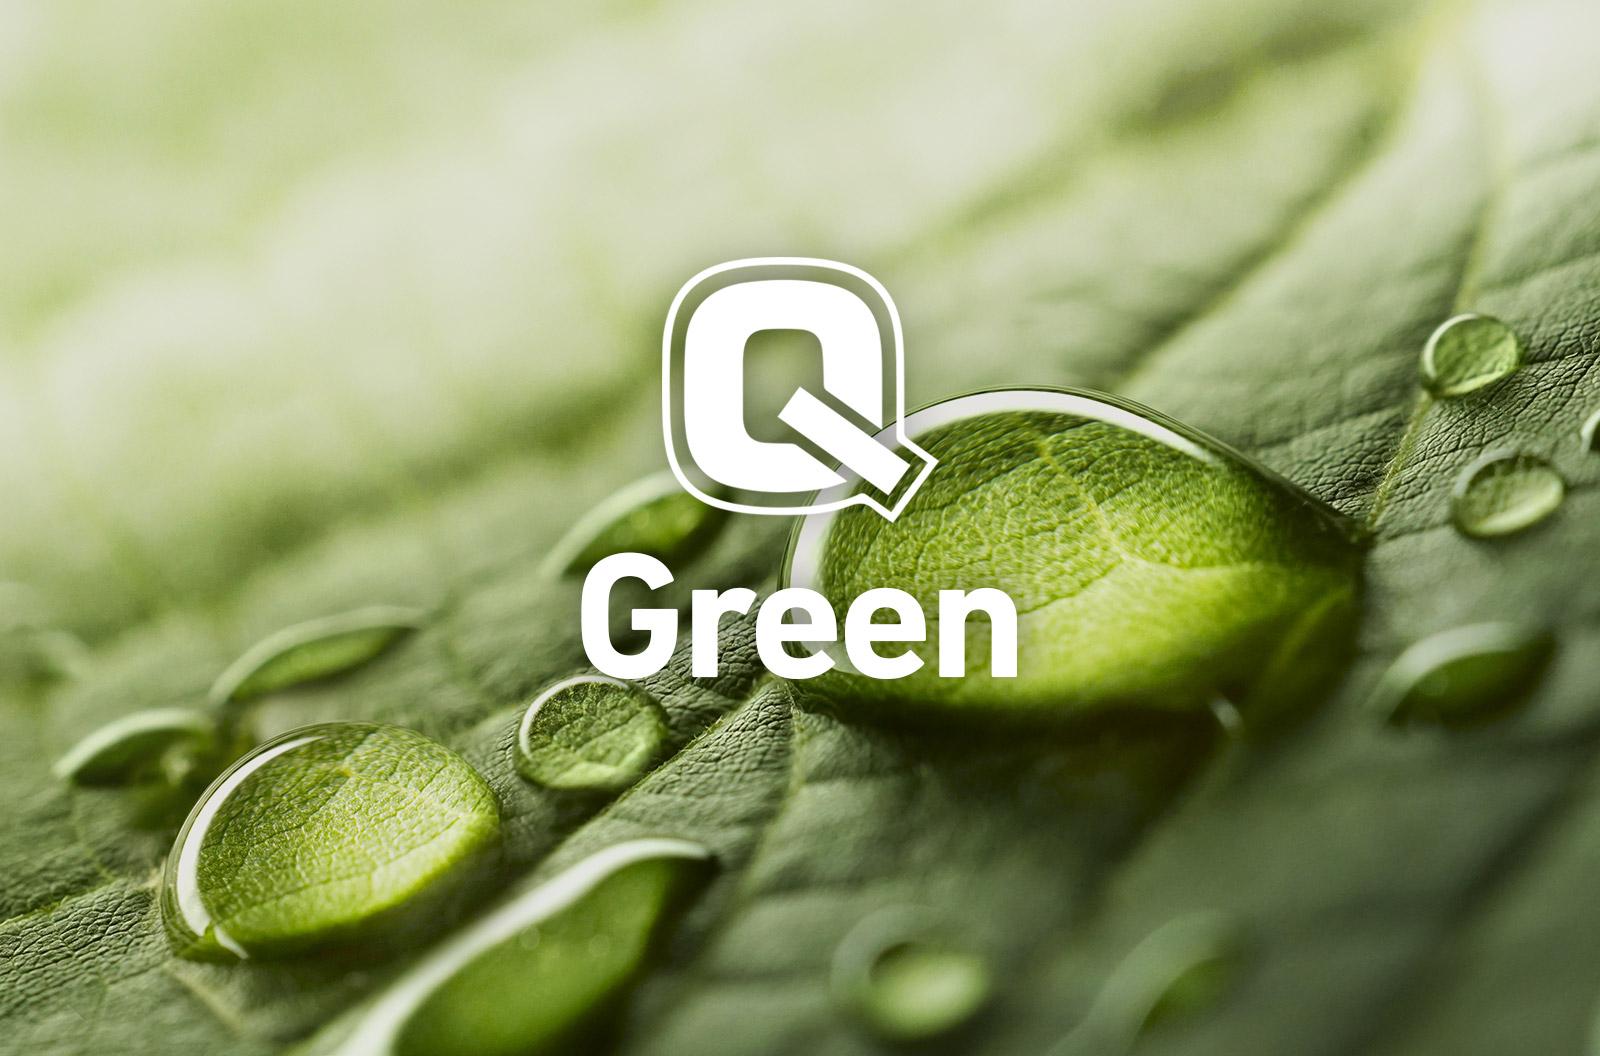 Quimidex Green